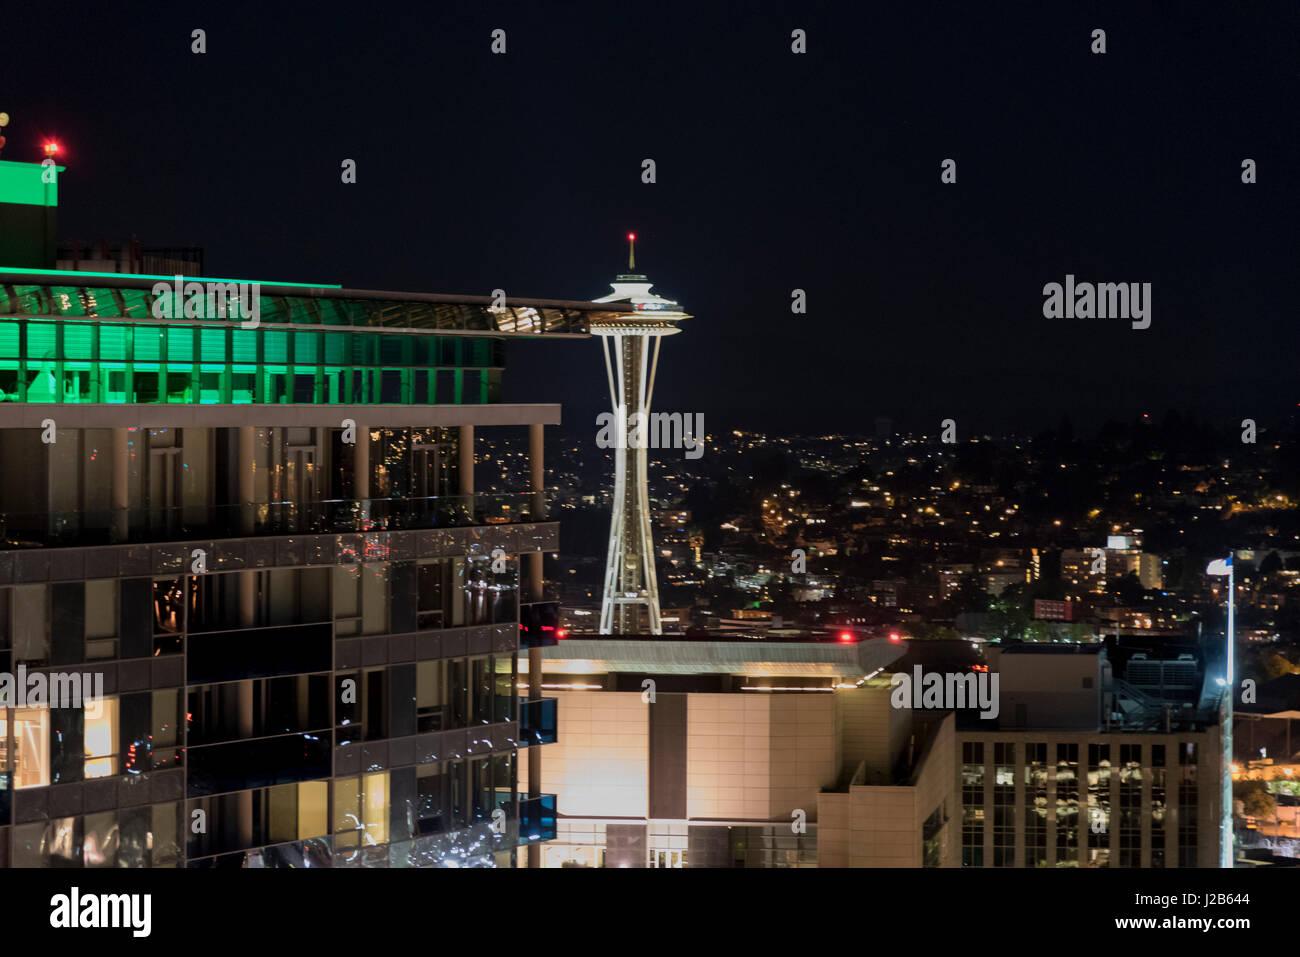 Vista notturna di Seattle Space Needle dal centro cittadino di alta crescita Foto Stock